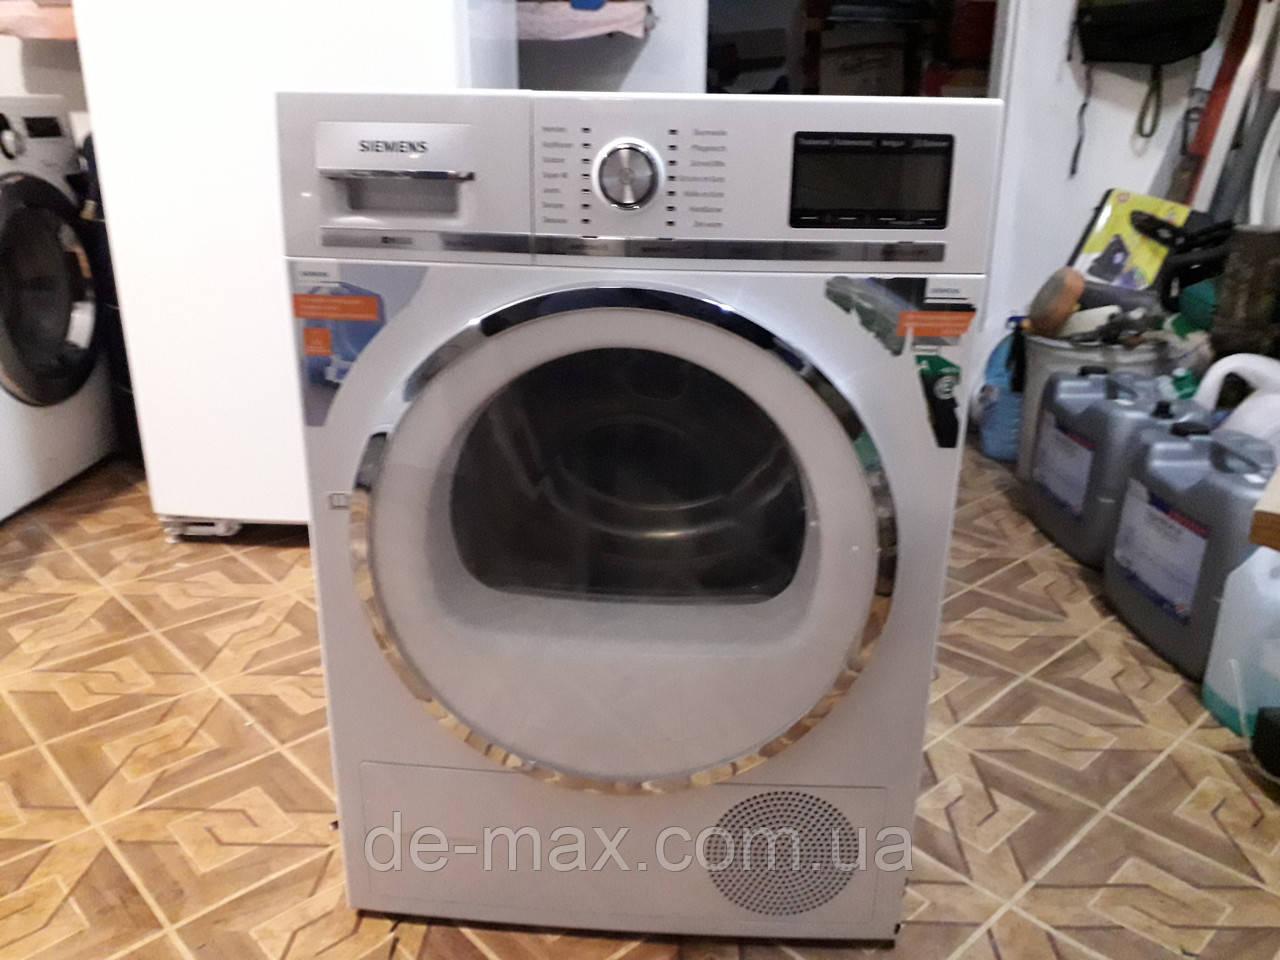 Сушильный автомат  SIEMENS IQ890